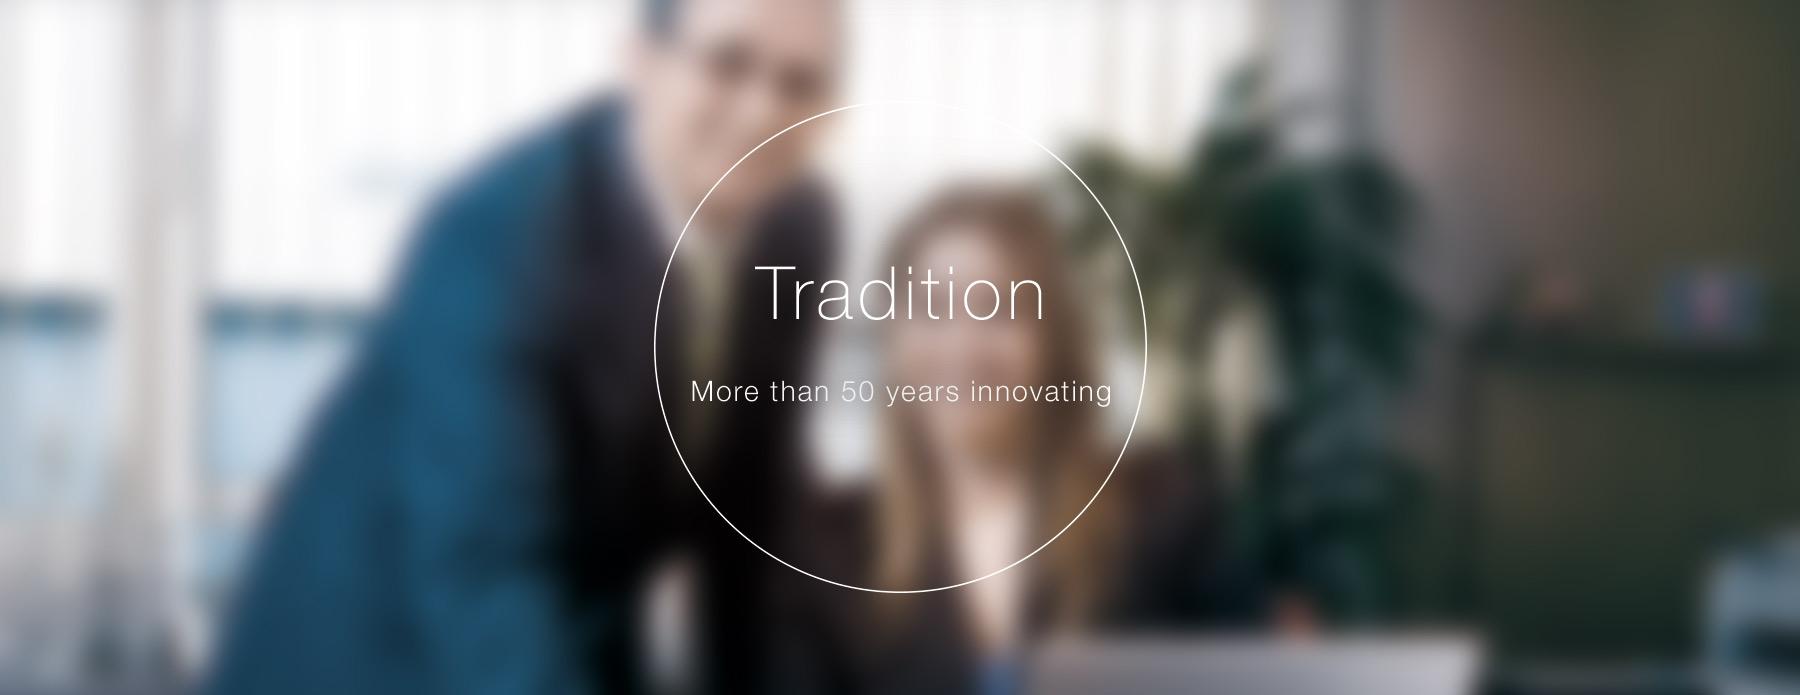 slider-engl-tradition